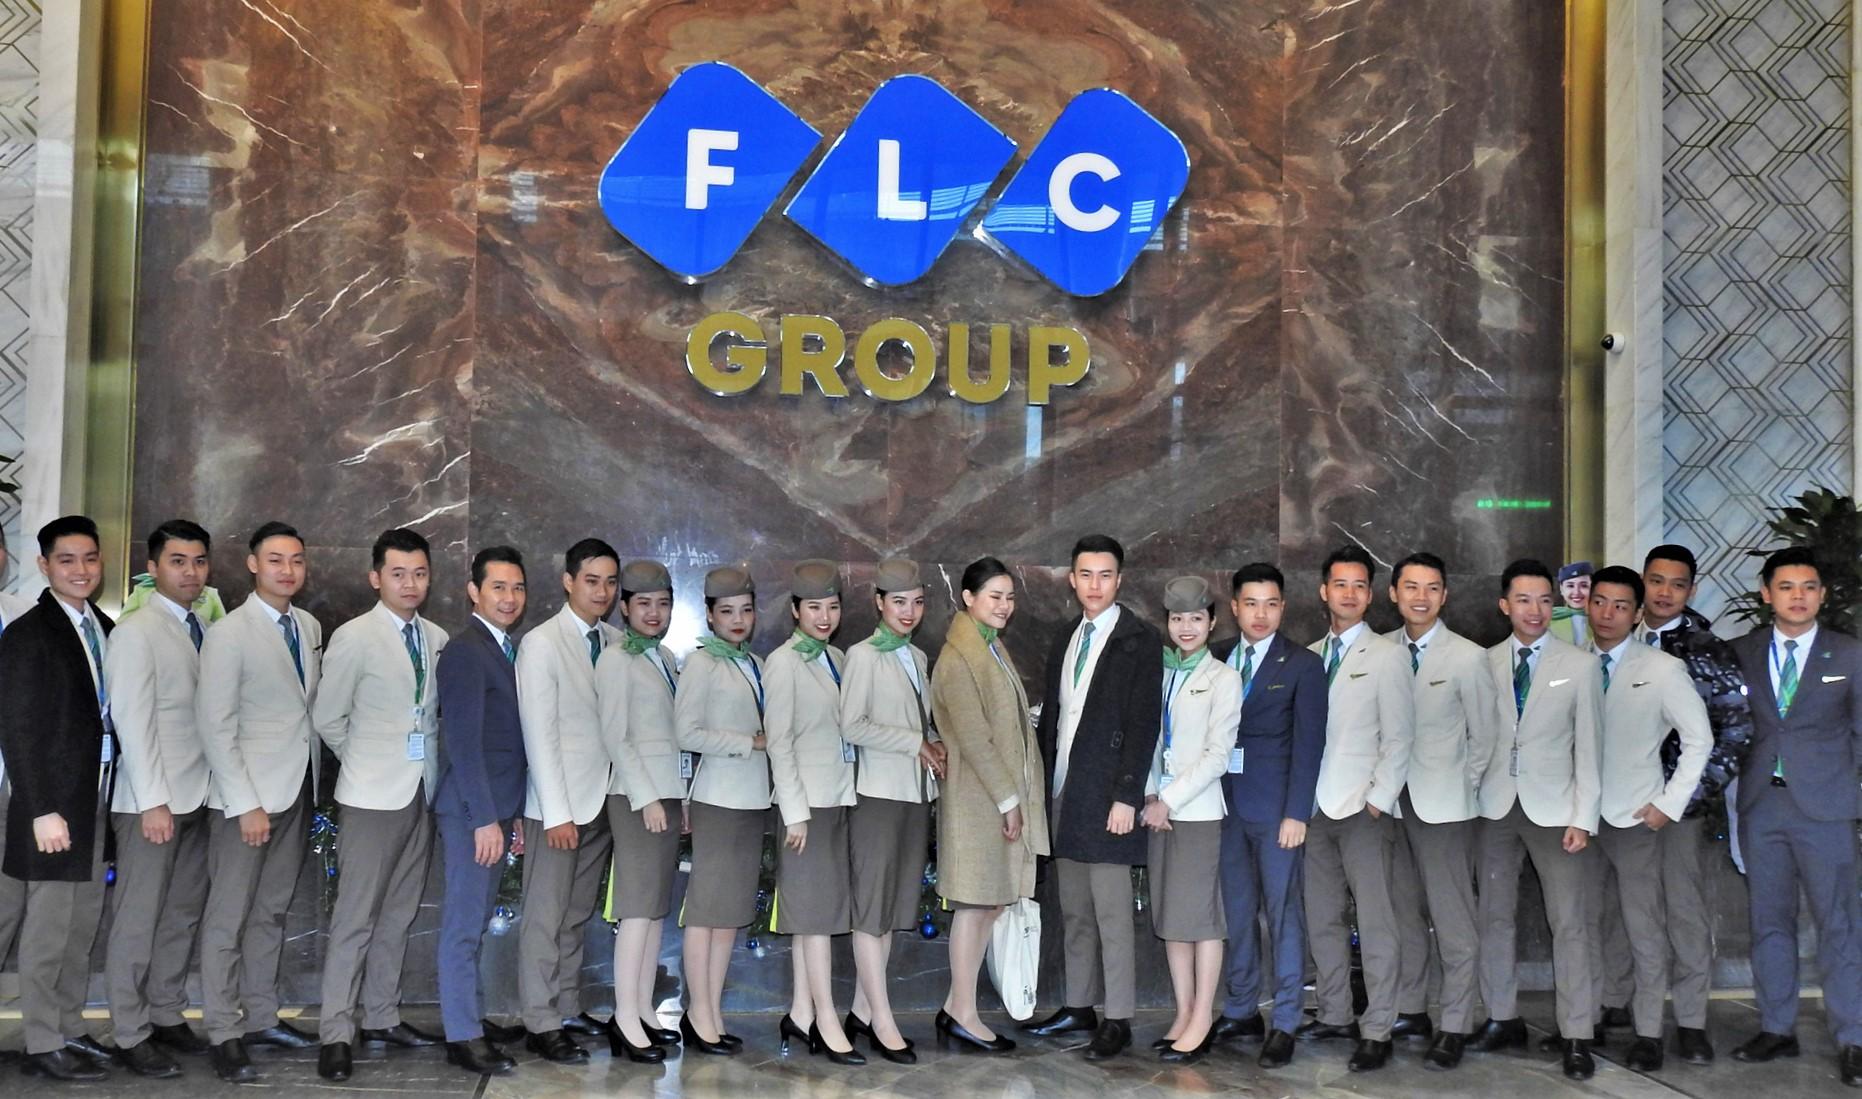 Nhìn lại hành trình tăng vốn của FLC: Từ 18 tỷ đến mục tiêu 12.000 tỷ - Ảnh 1.